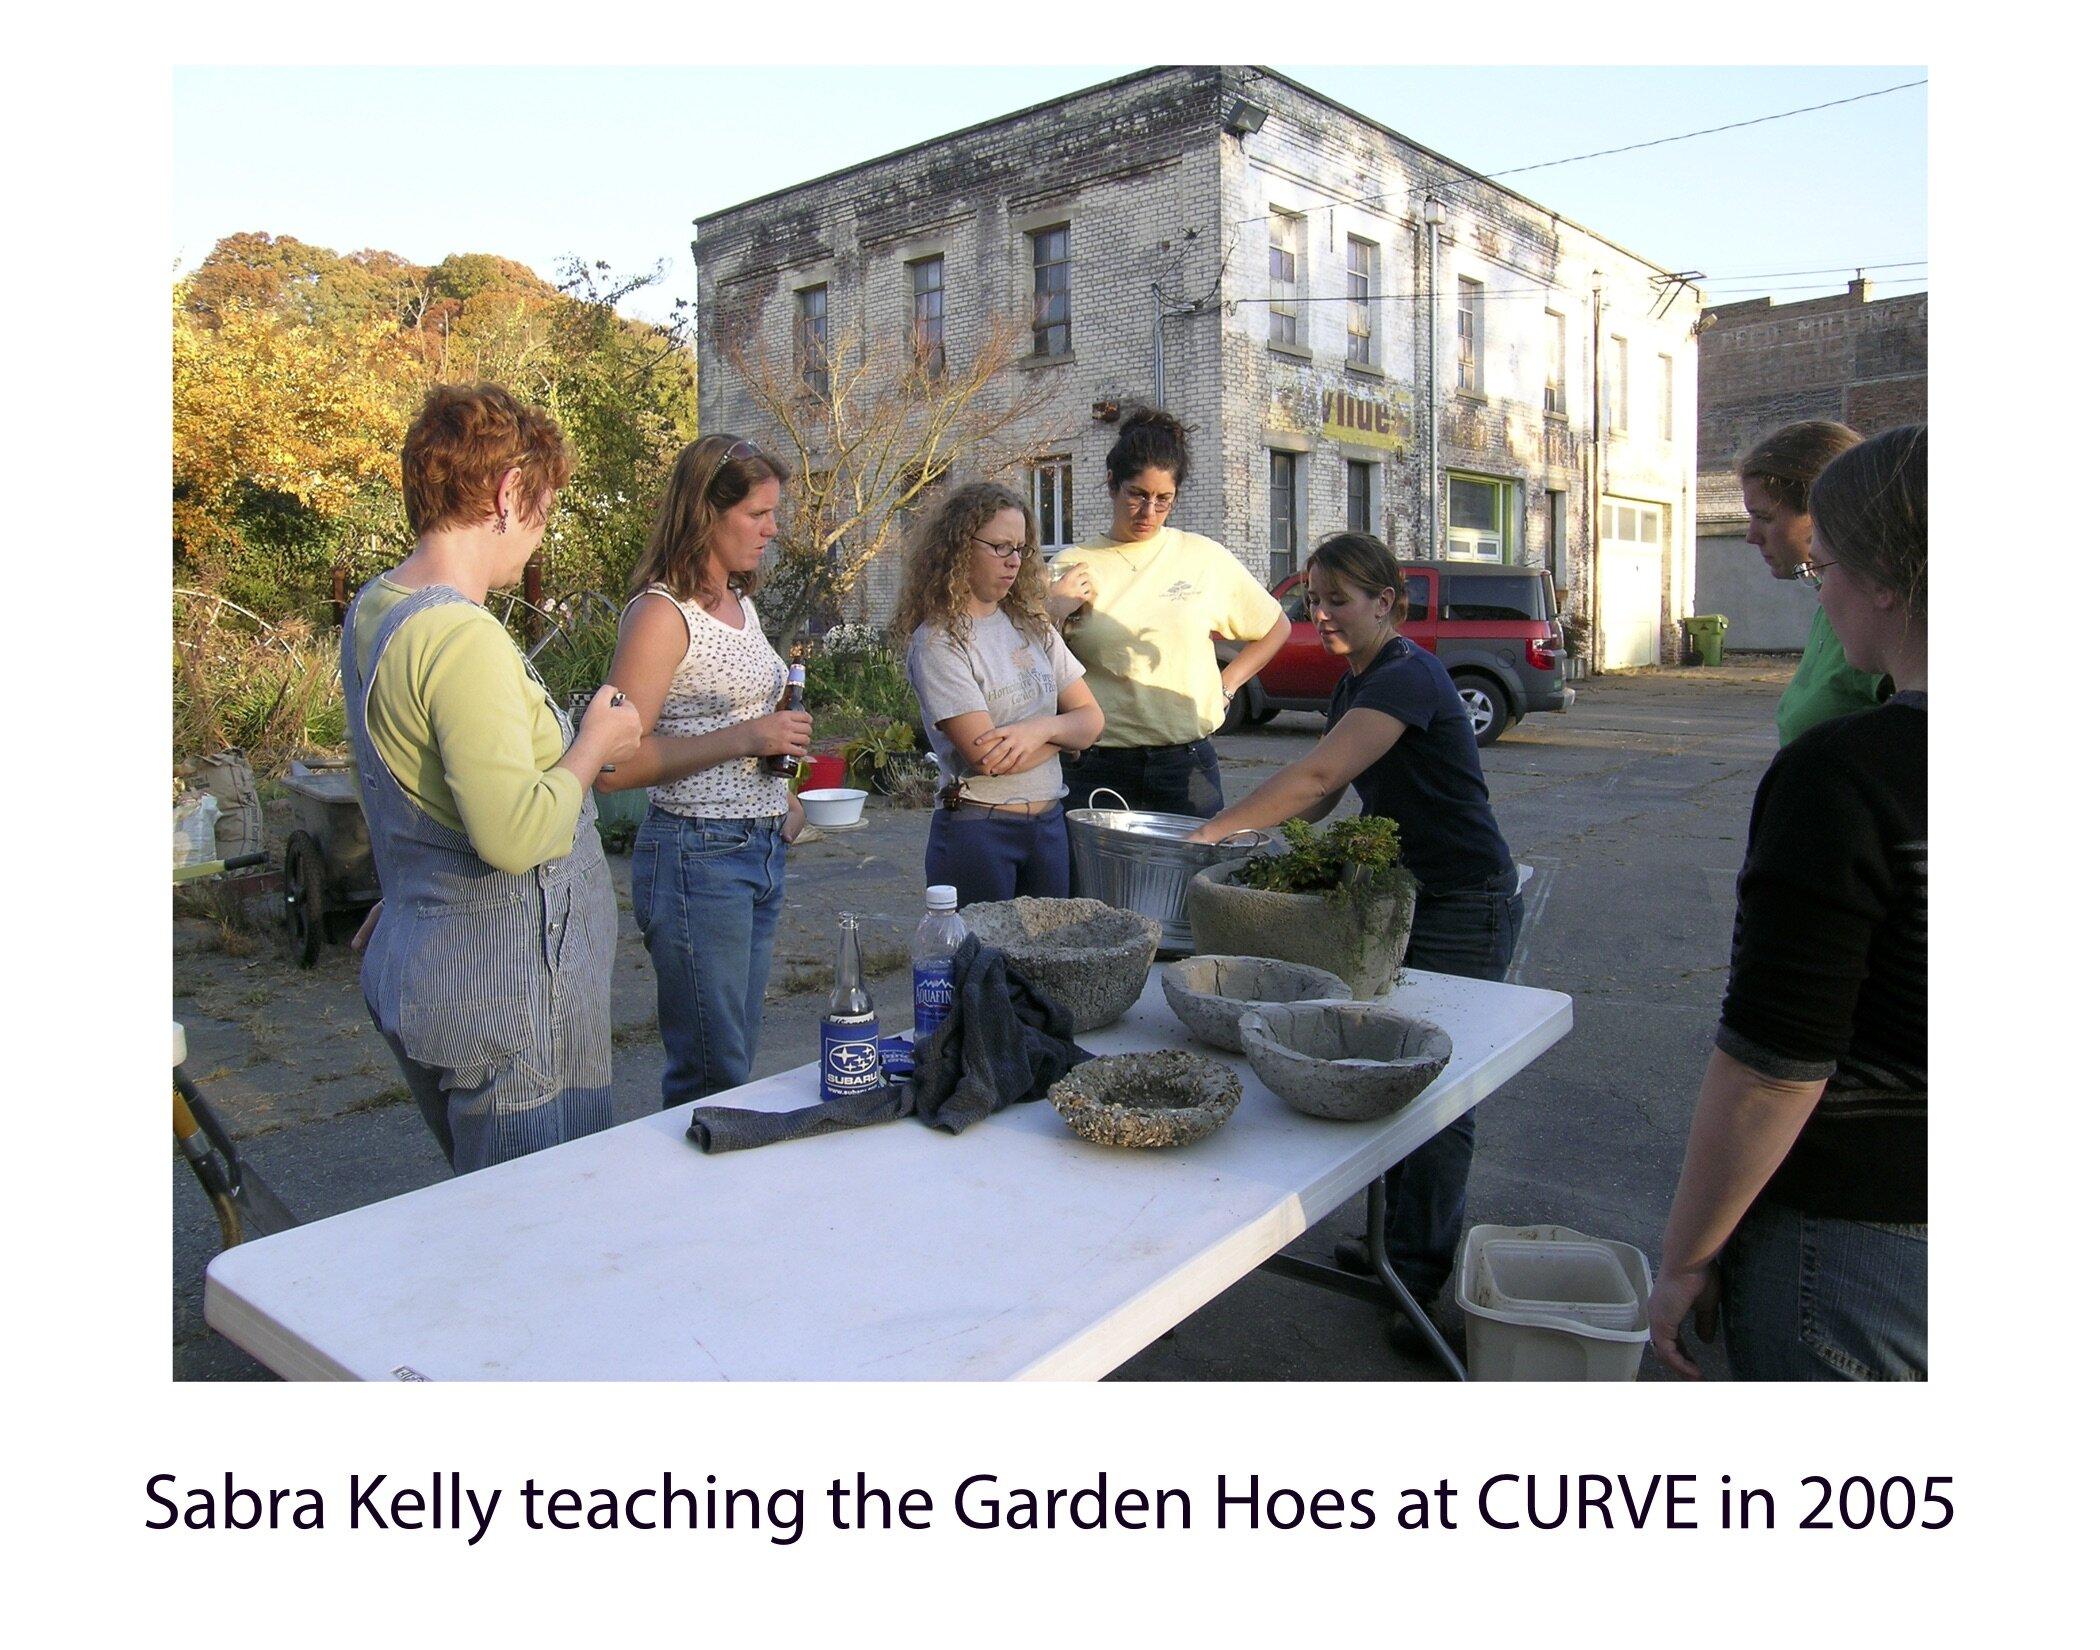 sabra kelly teaching garden hoes 2005.jpg